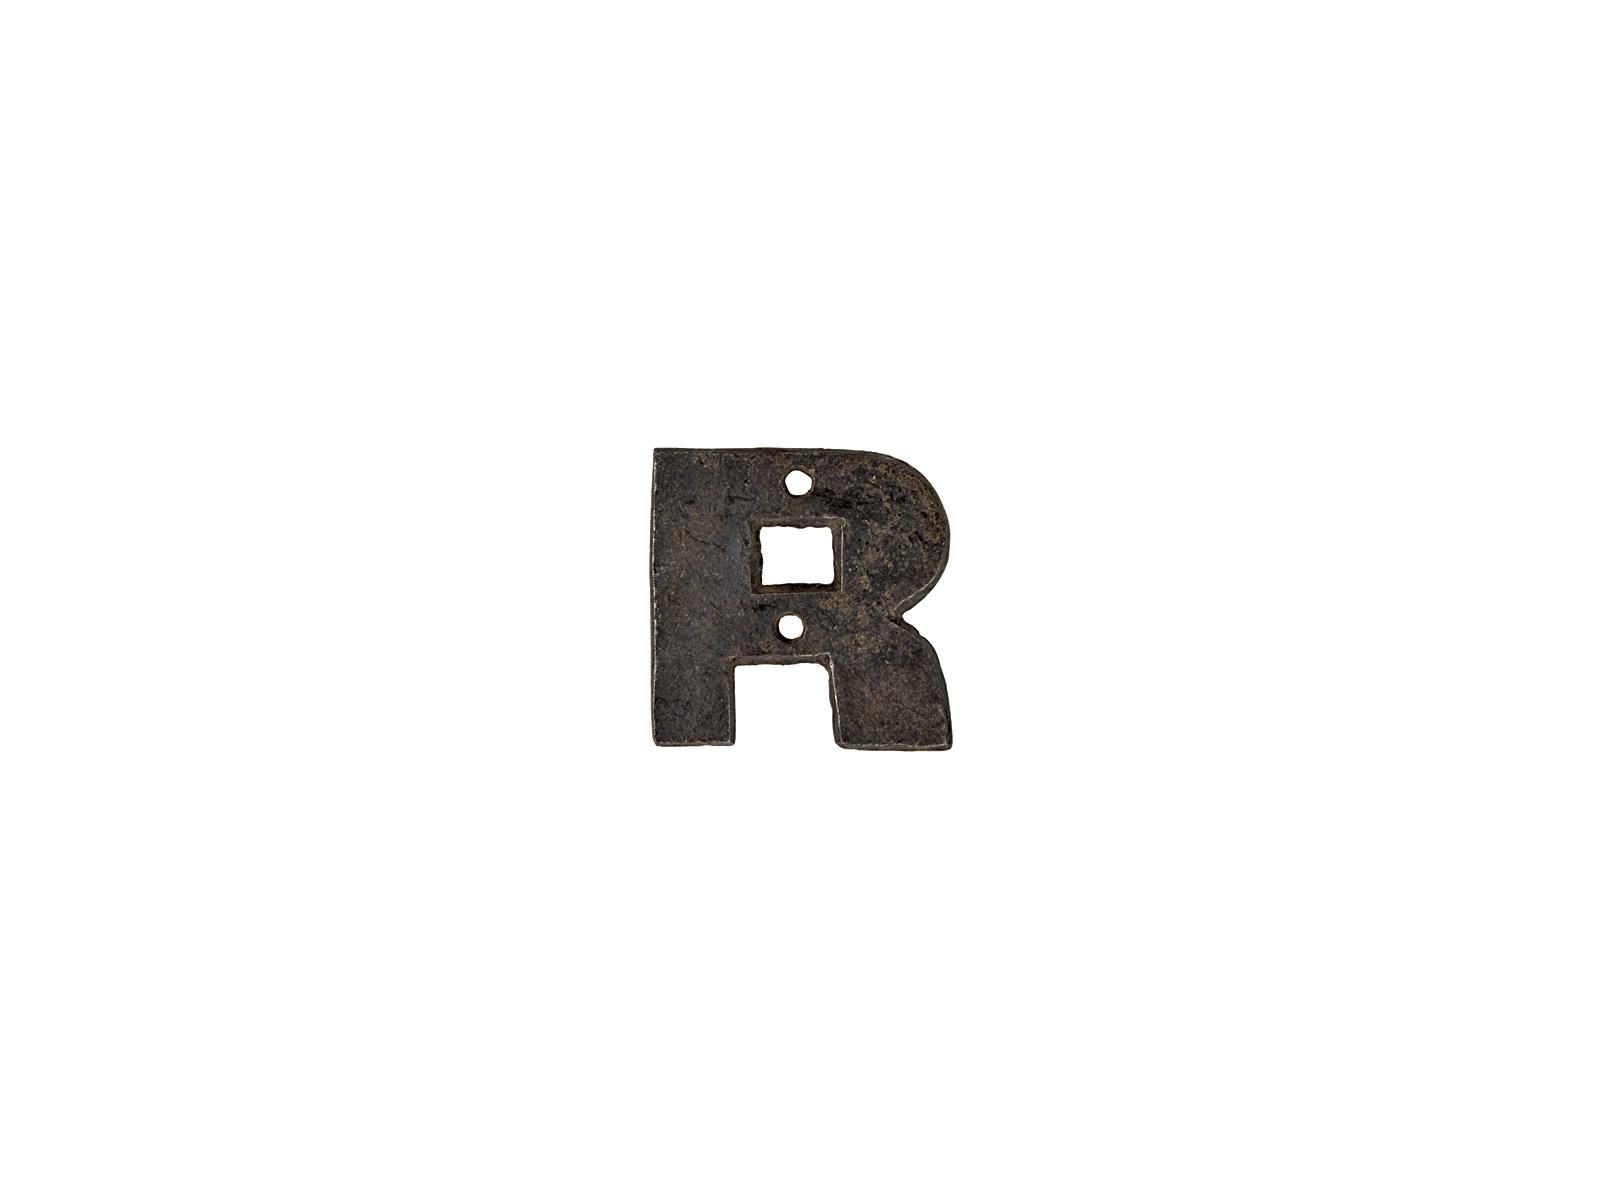 アルファベットプレートR